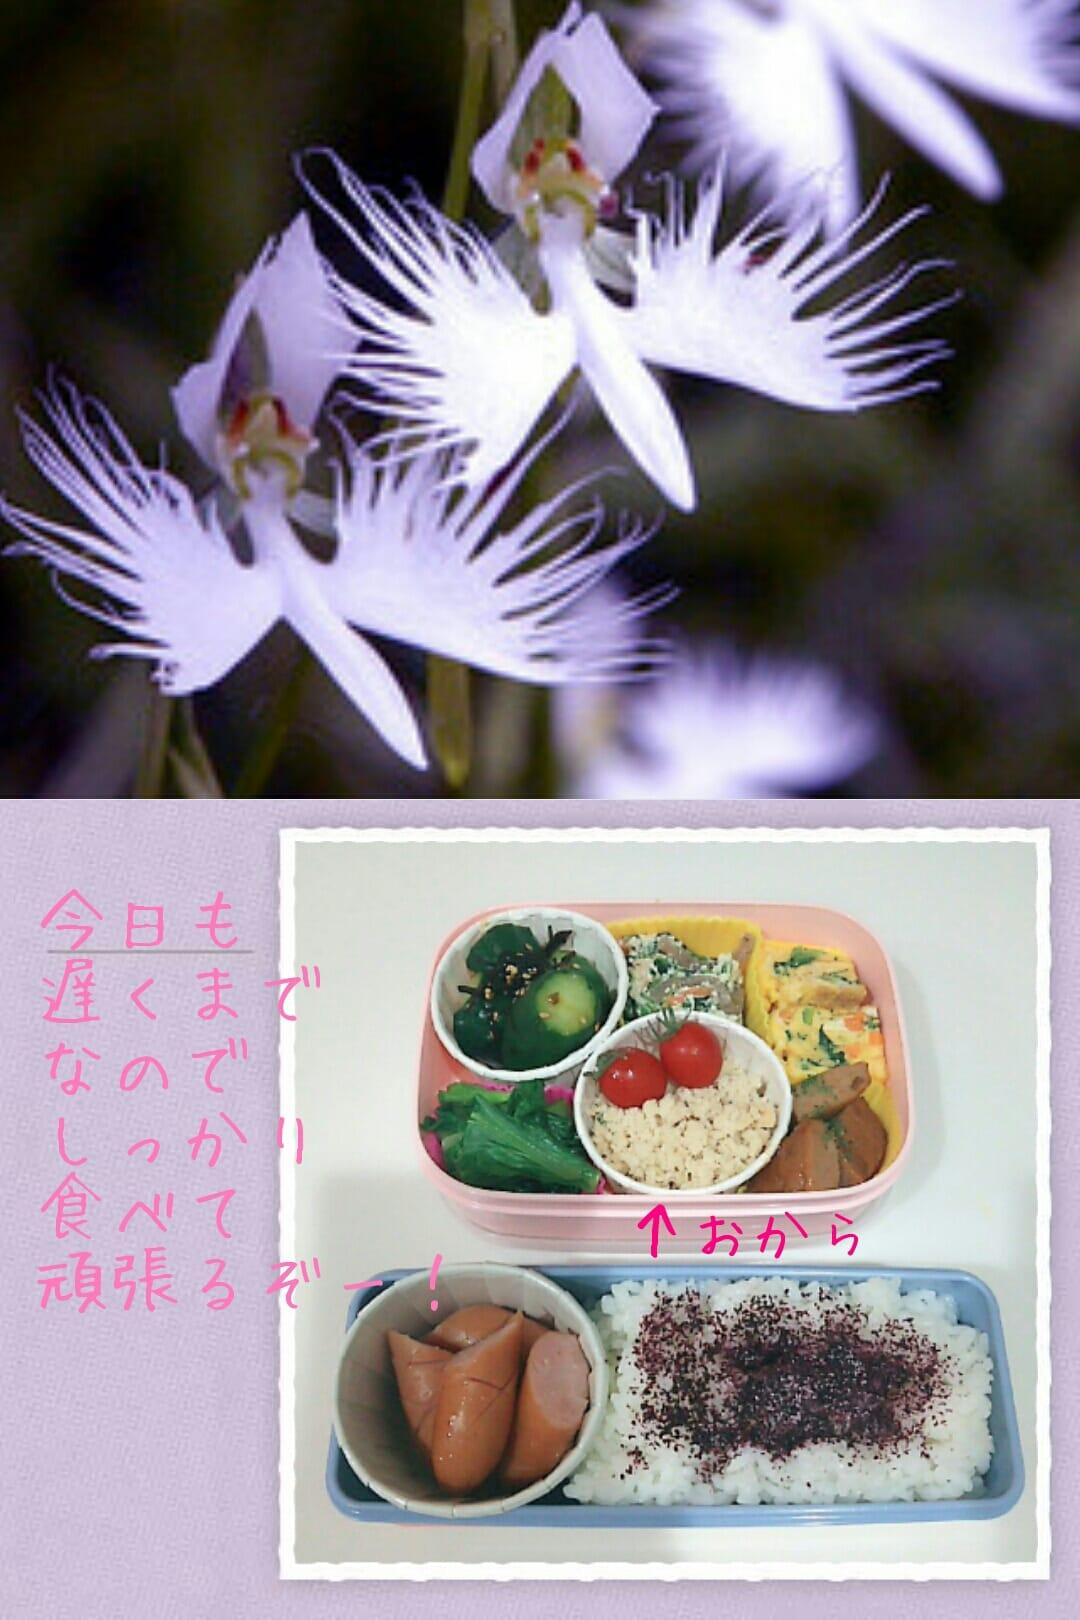 「「ぉ昼❁time~」」08/14日(火) 14:31 | ありさの写メ・風俗動画